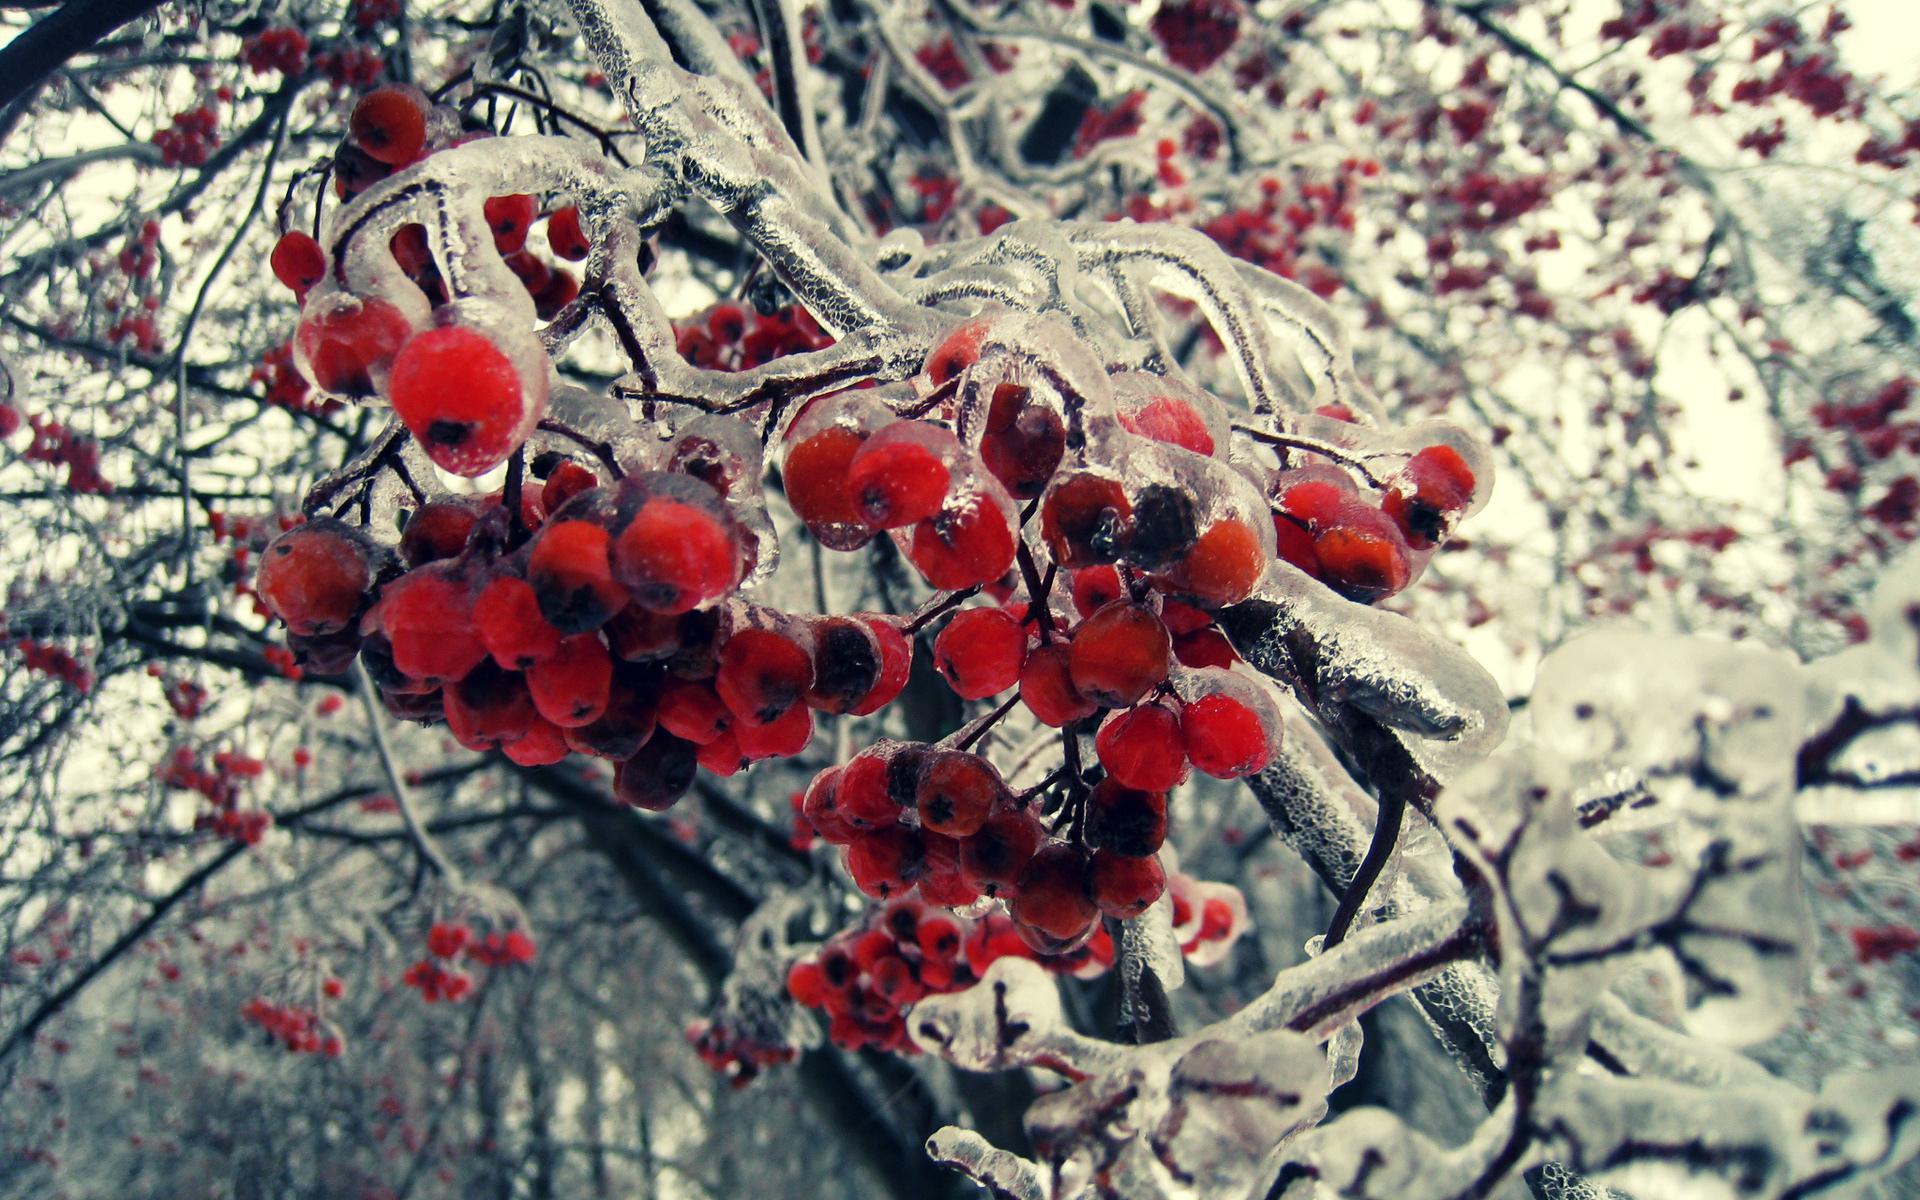 природа мороз рябина зима ветки еда ягоды  № 457160 бесплатно